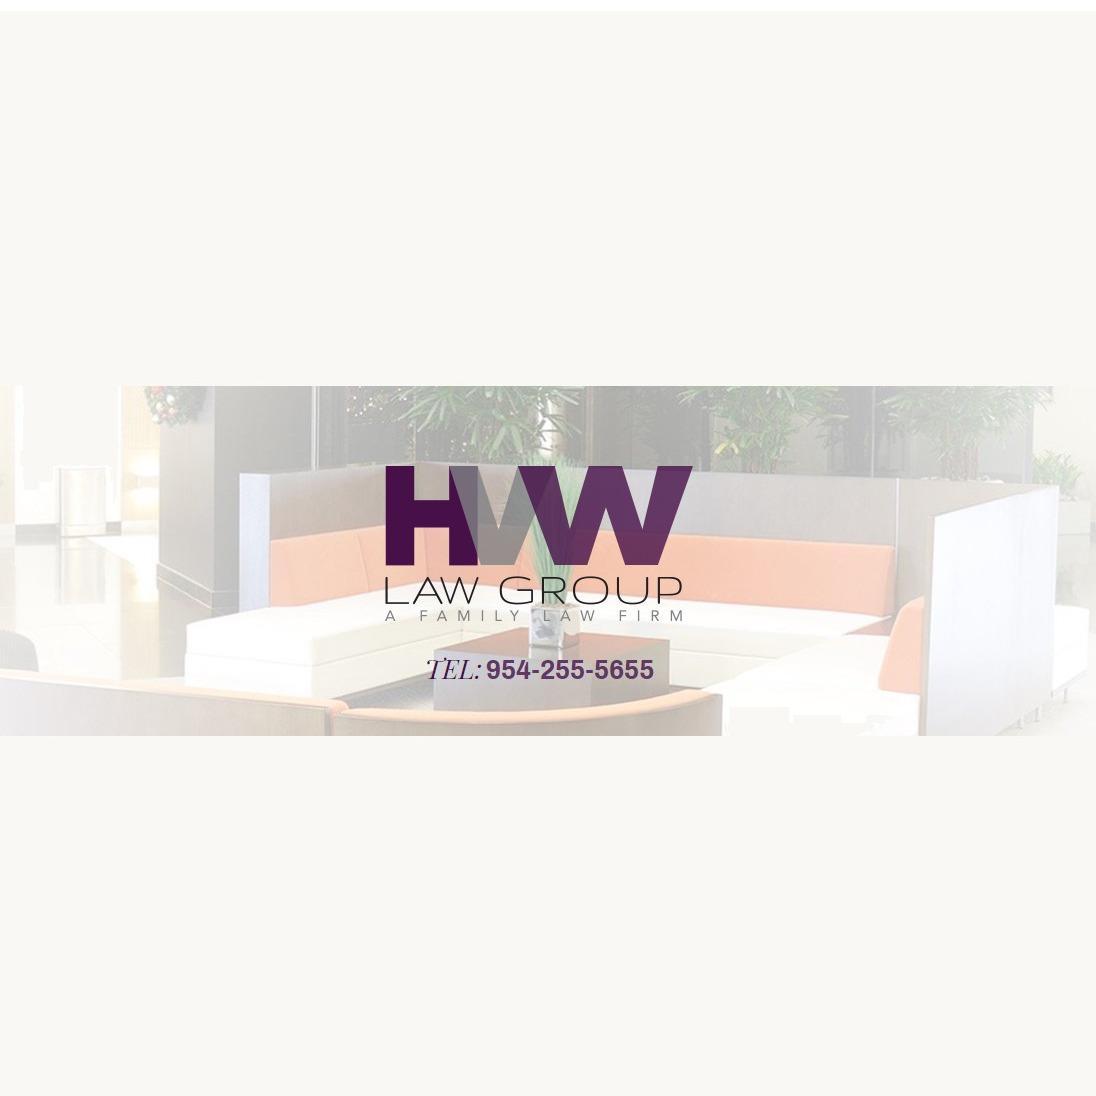 HVW Law Group